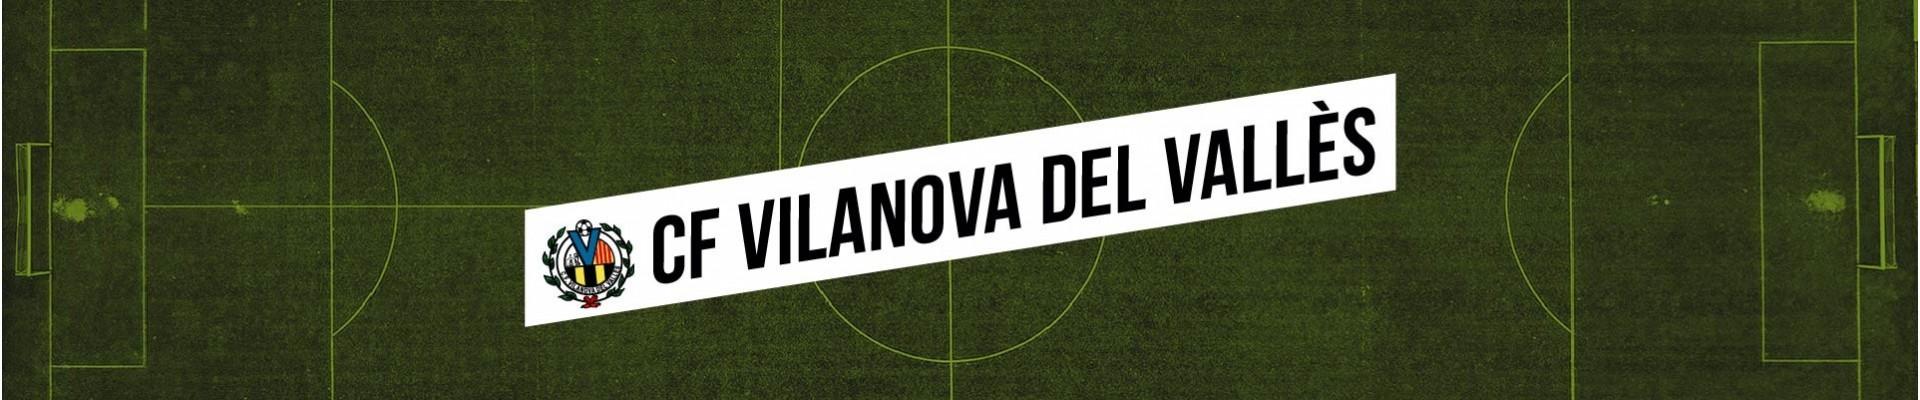 CF VILANOVA DEL VALLES